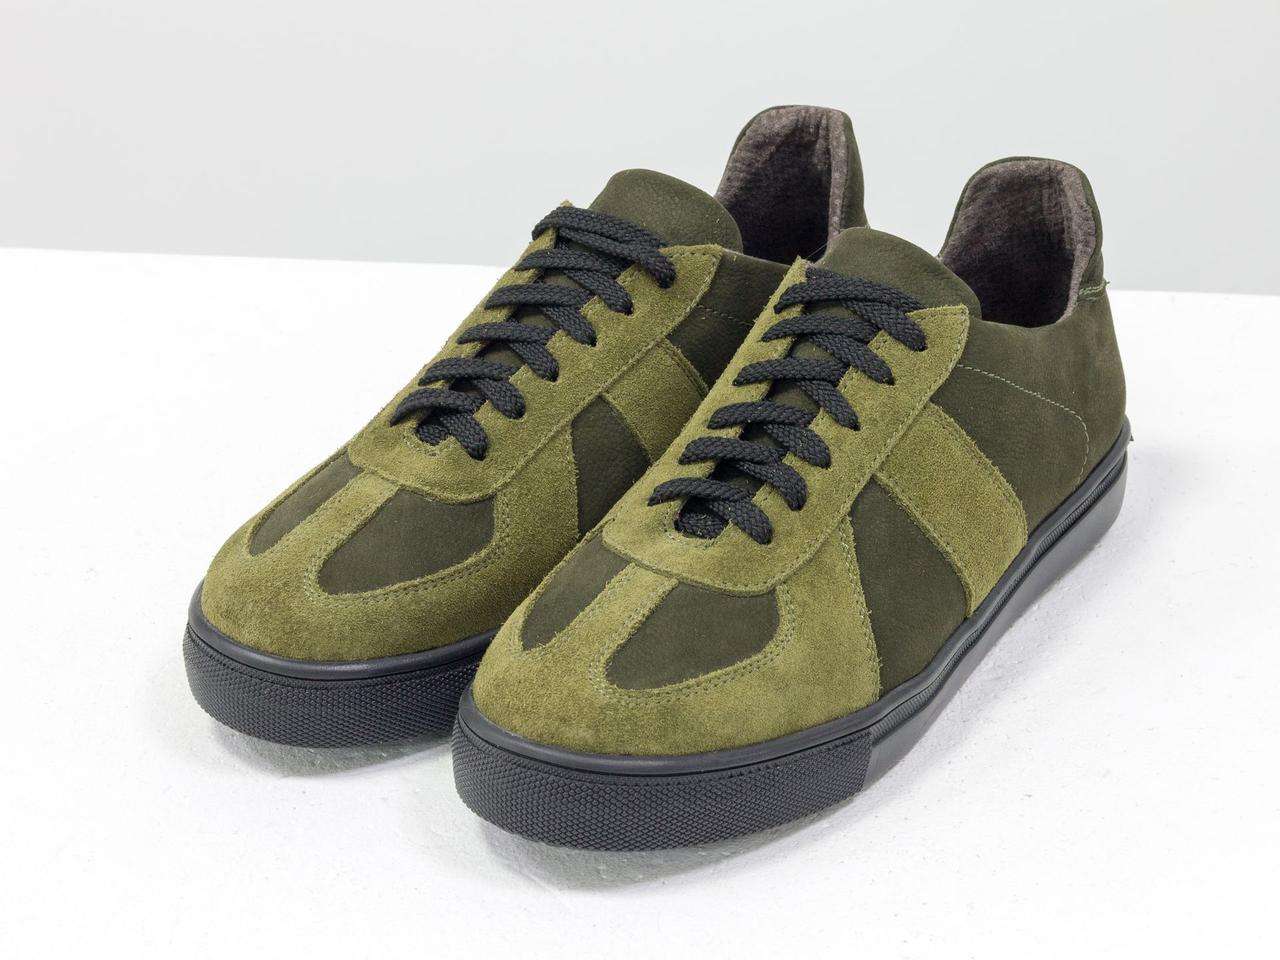 Стильные кроссовки из натуральной замши и матовой кожи оливкового и болотного цвета 41 - фото 7